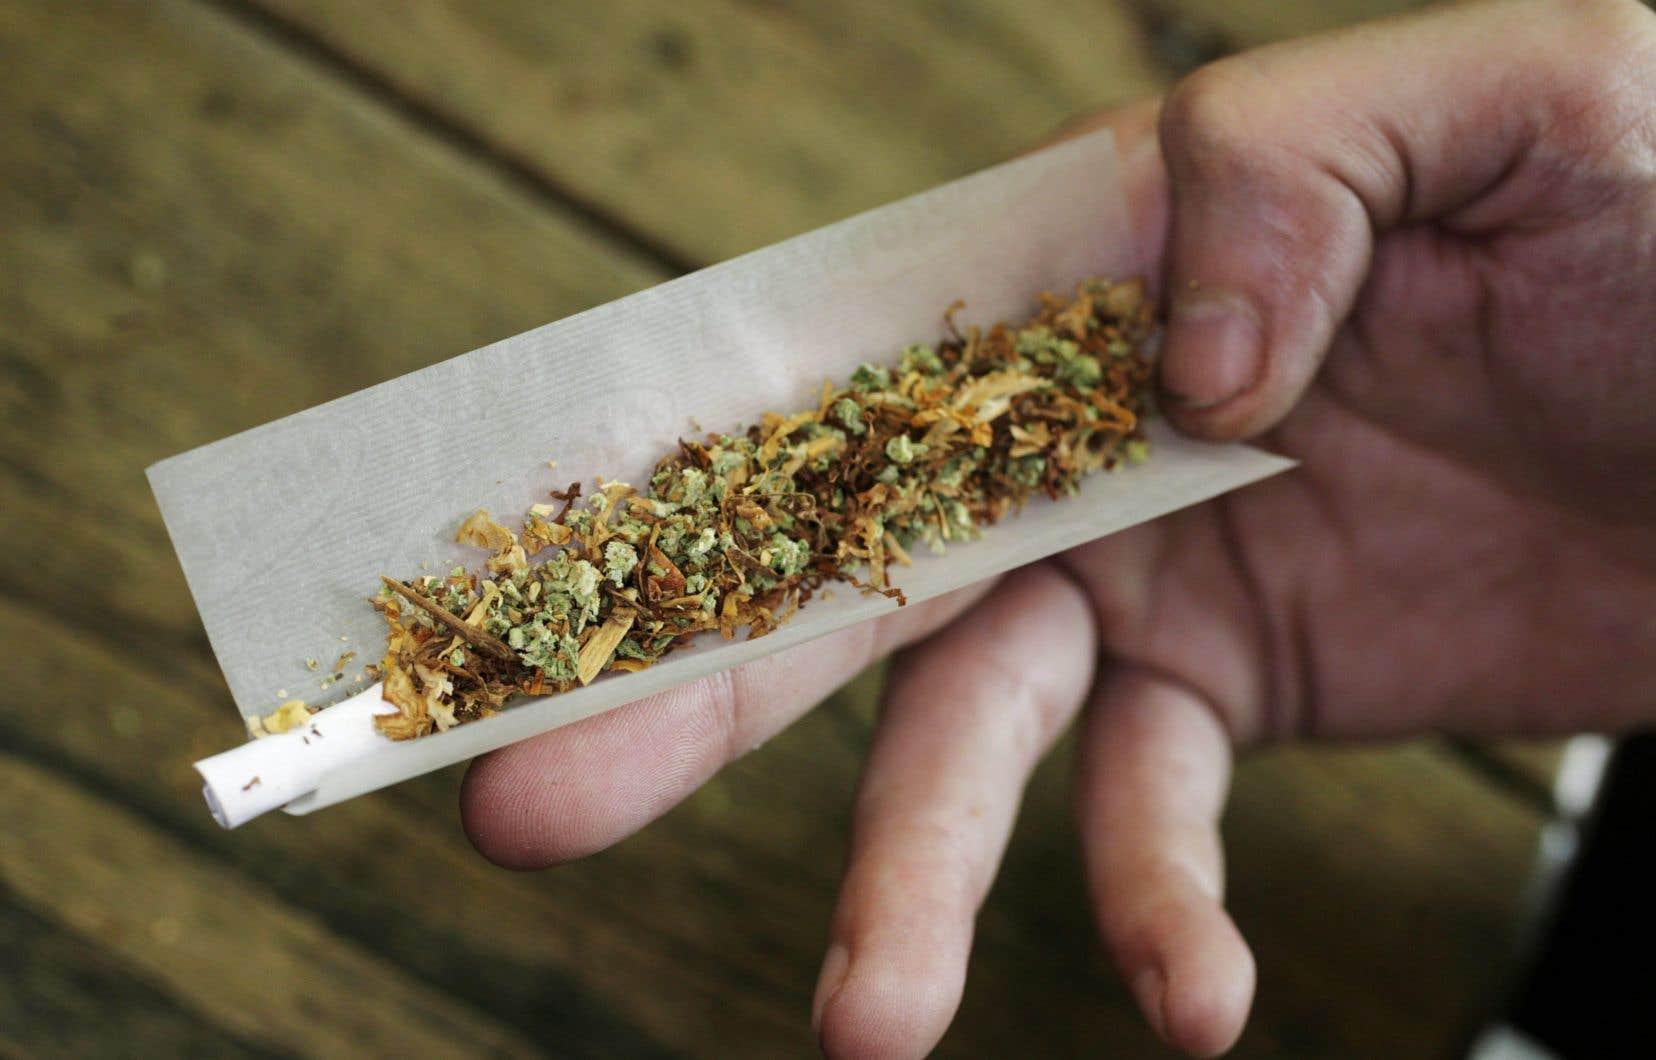 En campagne électorale, la Coalition avenir Québec avait fermé la porte à l'ouverture de «cafés cannabis» qui auraient permis aux Québécois de fumer un joint dans des établissements licenciés.